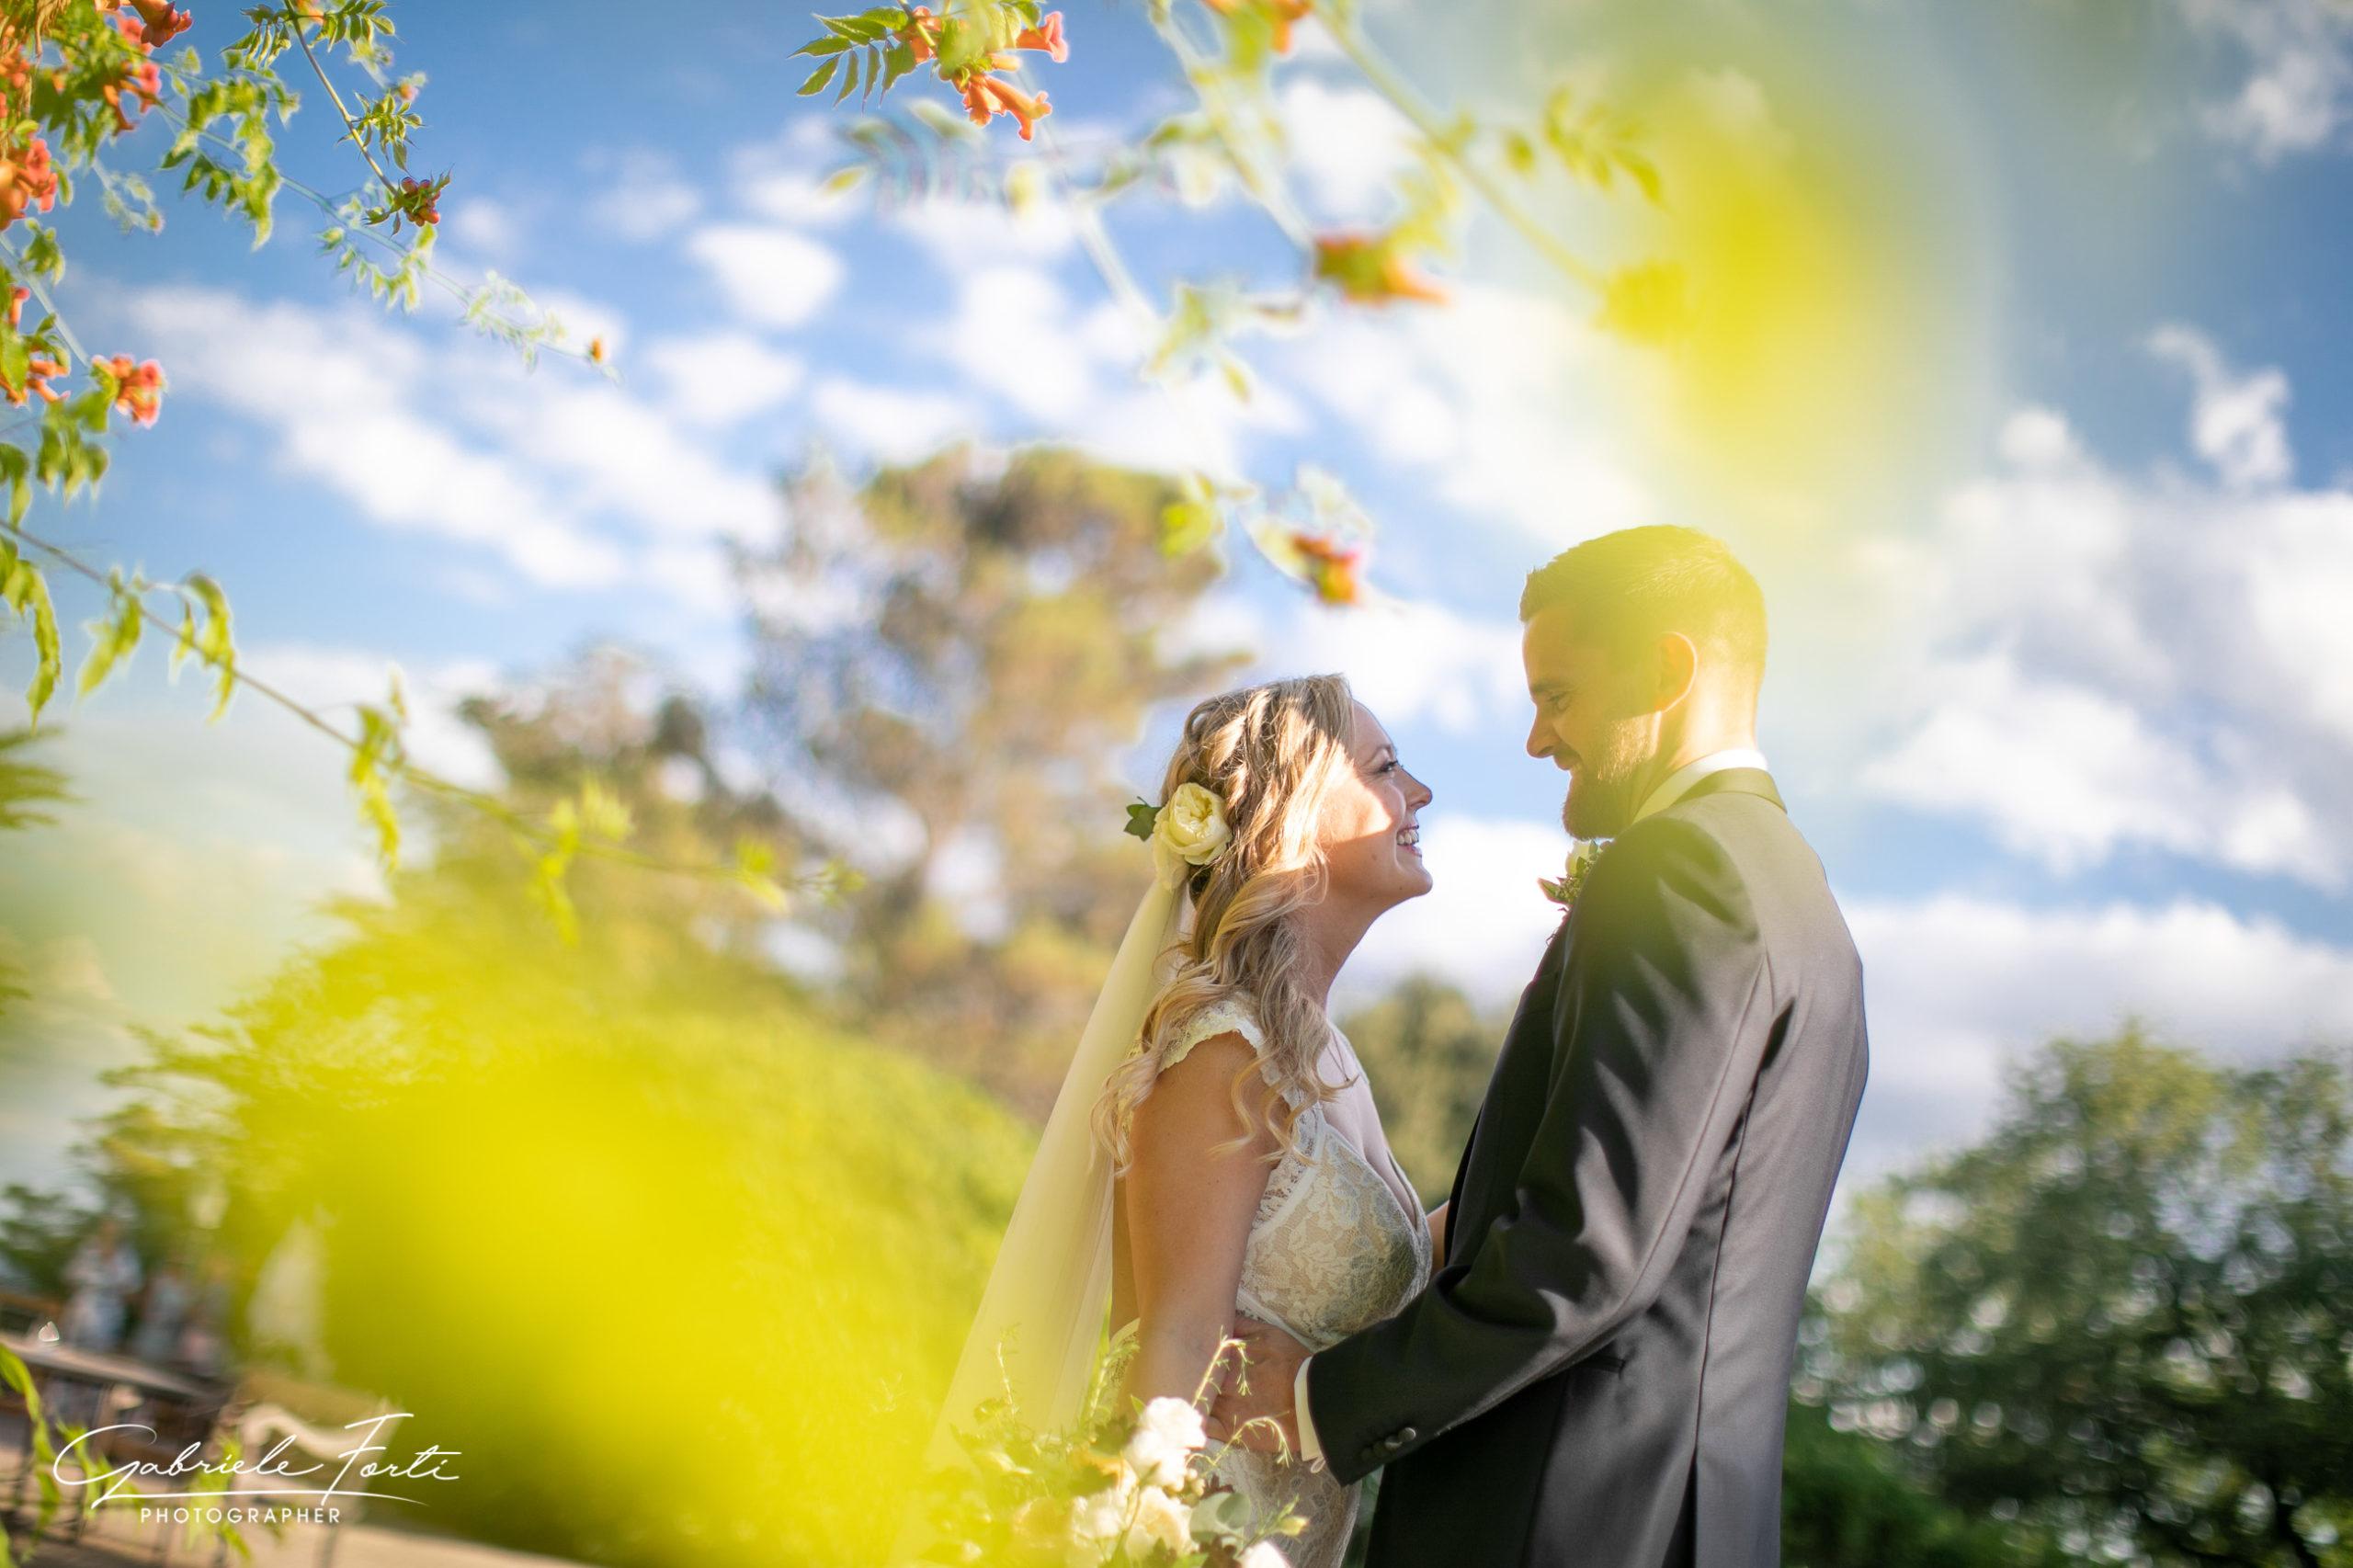 Wedding-tuscany-italy-siena-firenze-photographer-foto-forti-gabriele-5